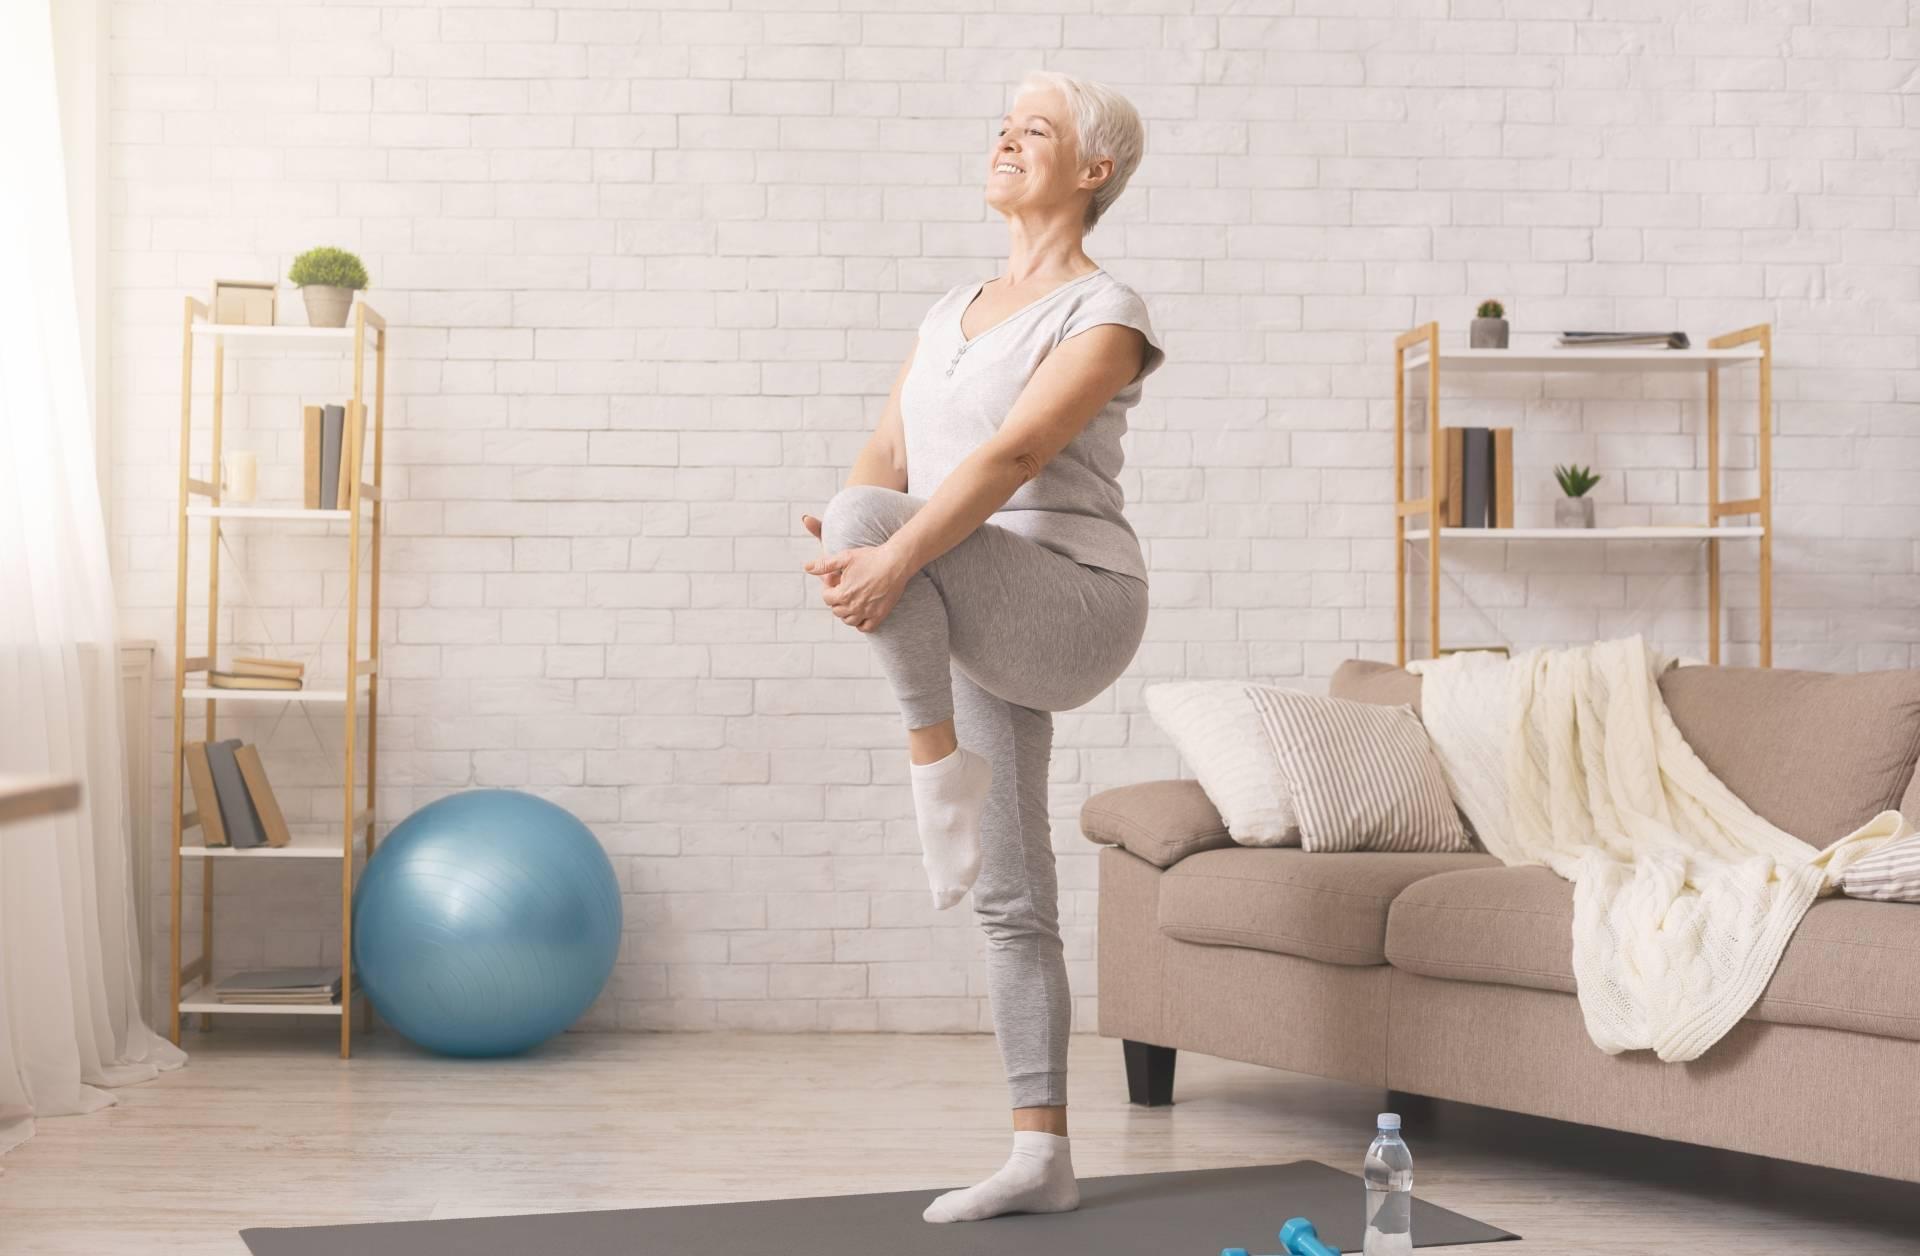 Reumatyzm - objawy i leczenie. Aktywna seniorka w stroju sportowym gimnastykuje się na macie w domu, stoi z podniesioną nogą i przyciąga kolano do siebie.